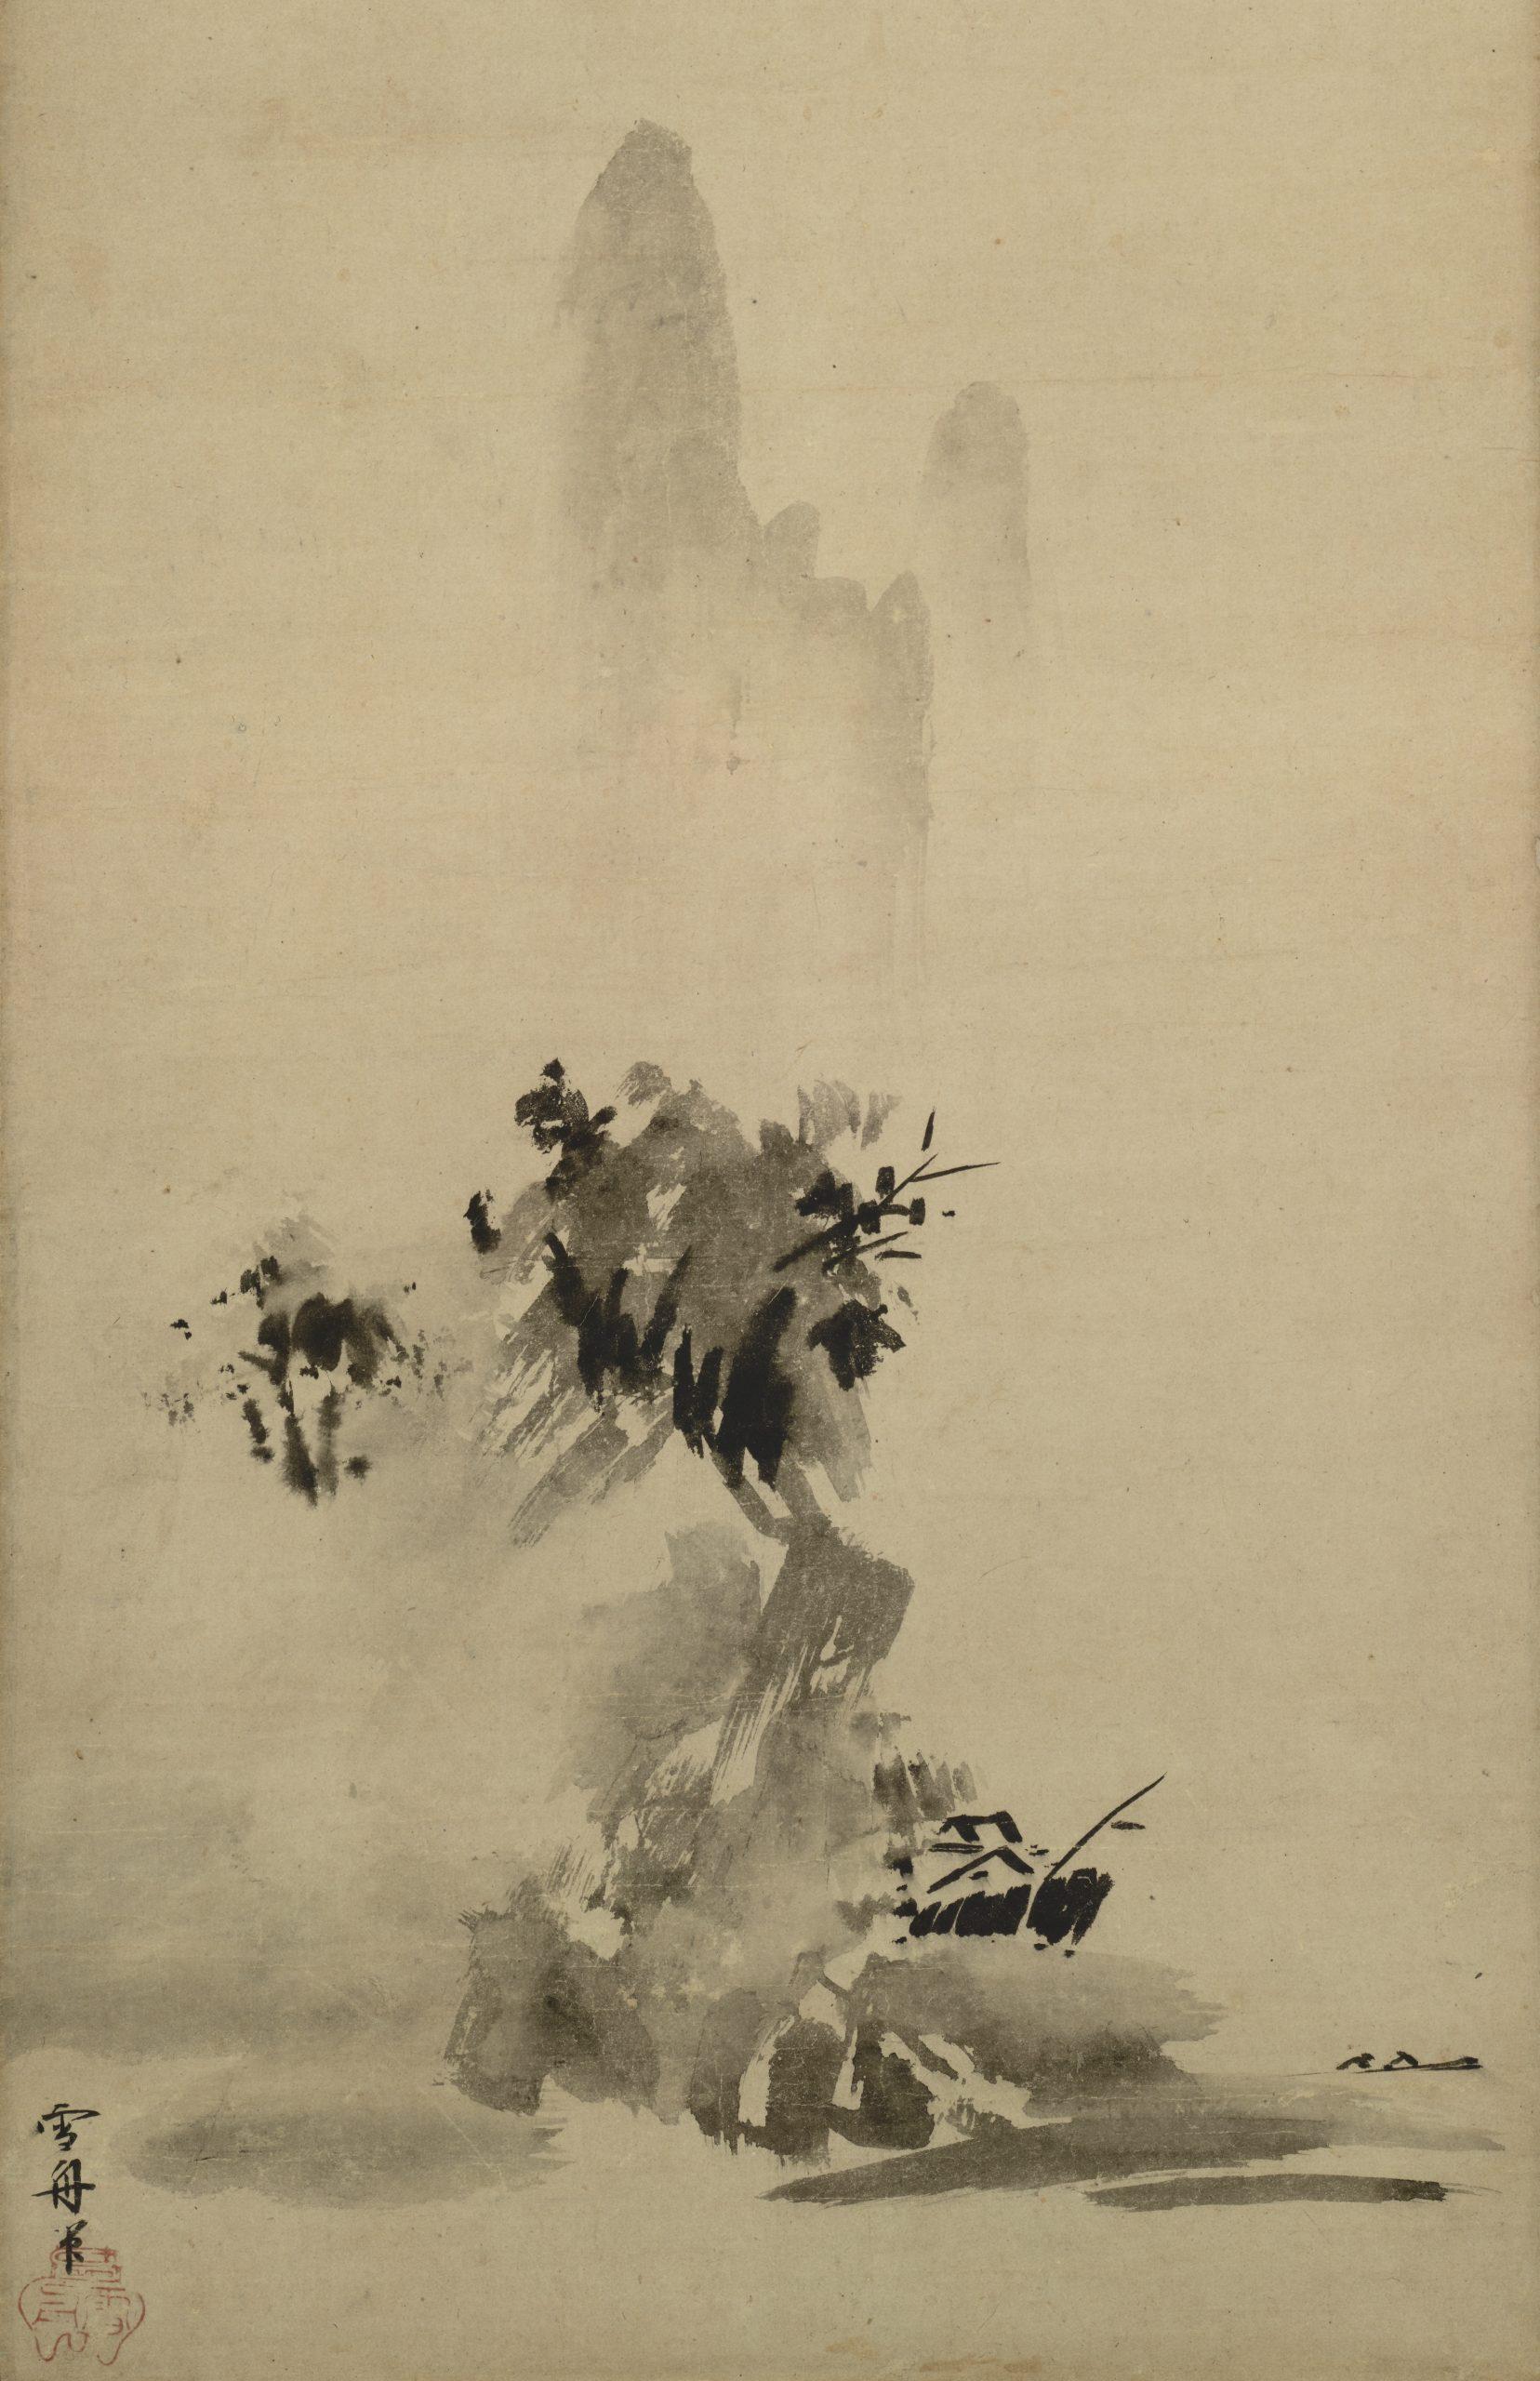 Paysage à l'encre éclaboussée, encre sur papier, 1495, Sesshū Tōyō